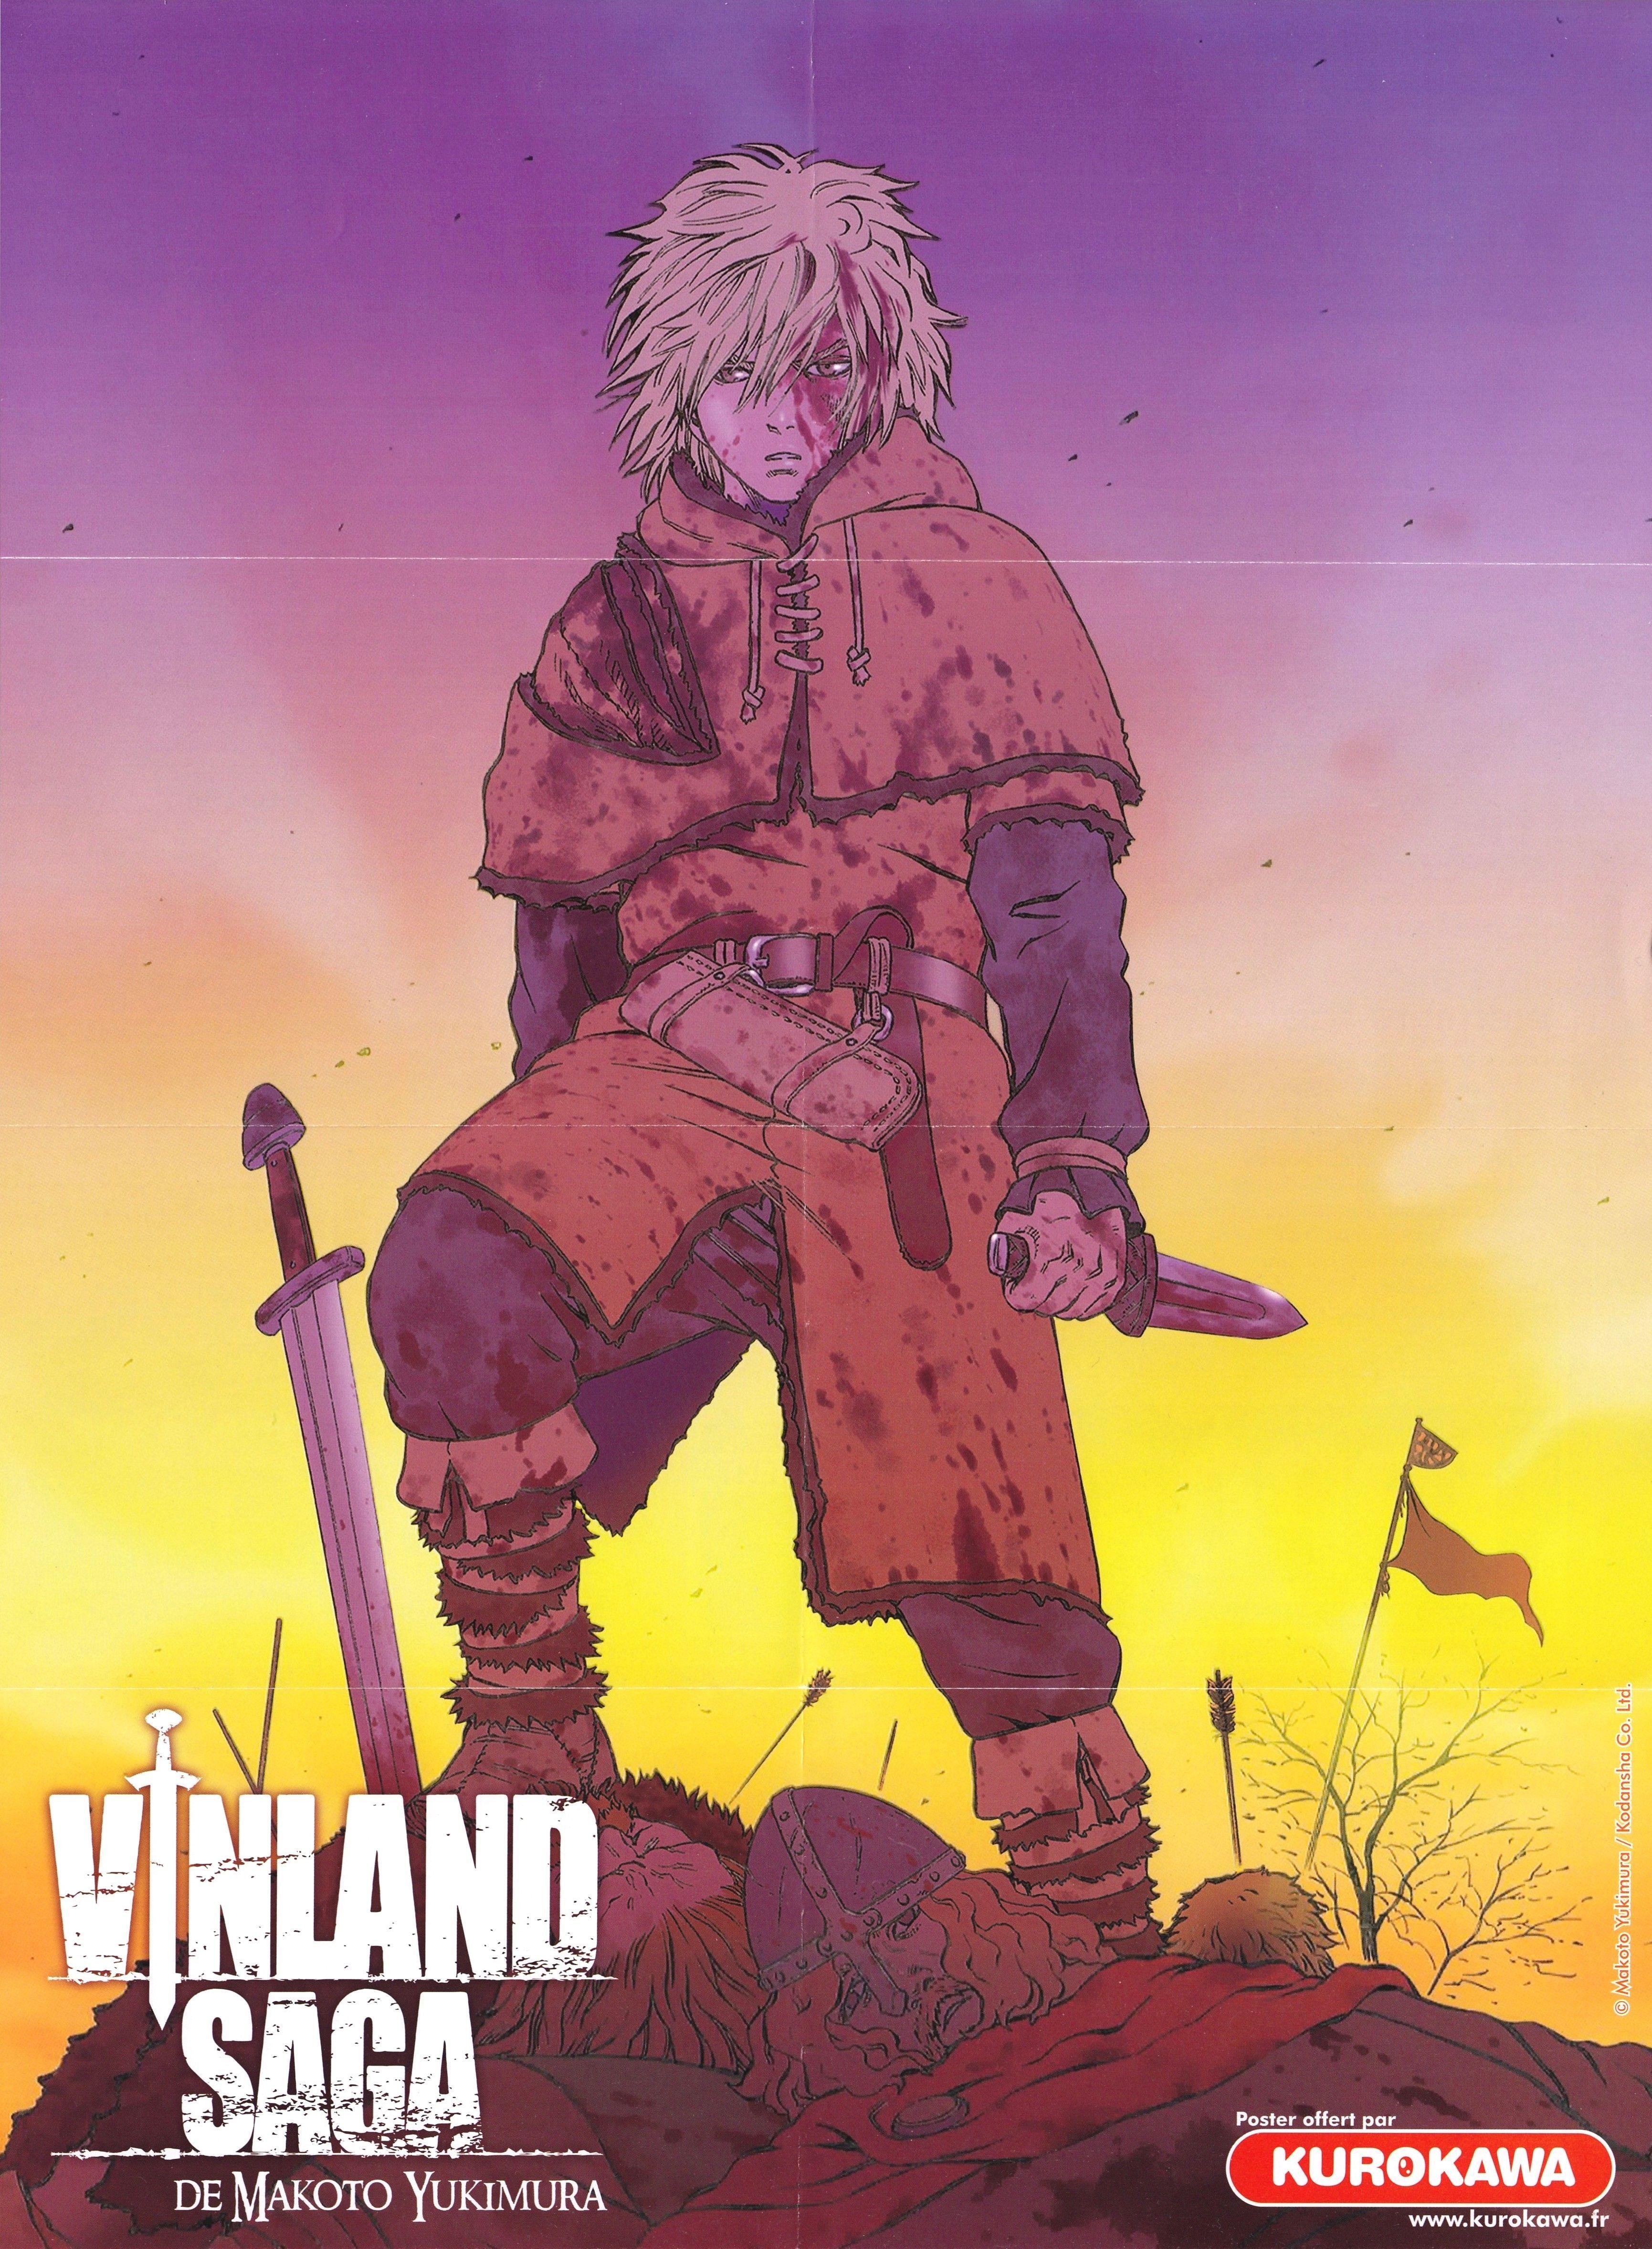 Vinland Saga Episode 1 Vostfr : vinland, episode, vostfr, Vinland, Phone, Background, Https://ift.tt/2MYfg0c, Saga,